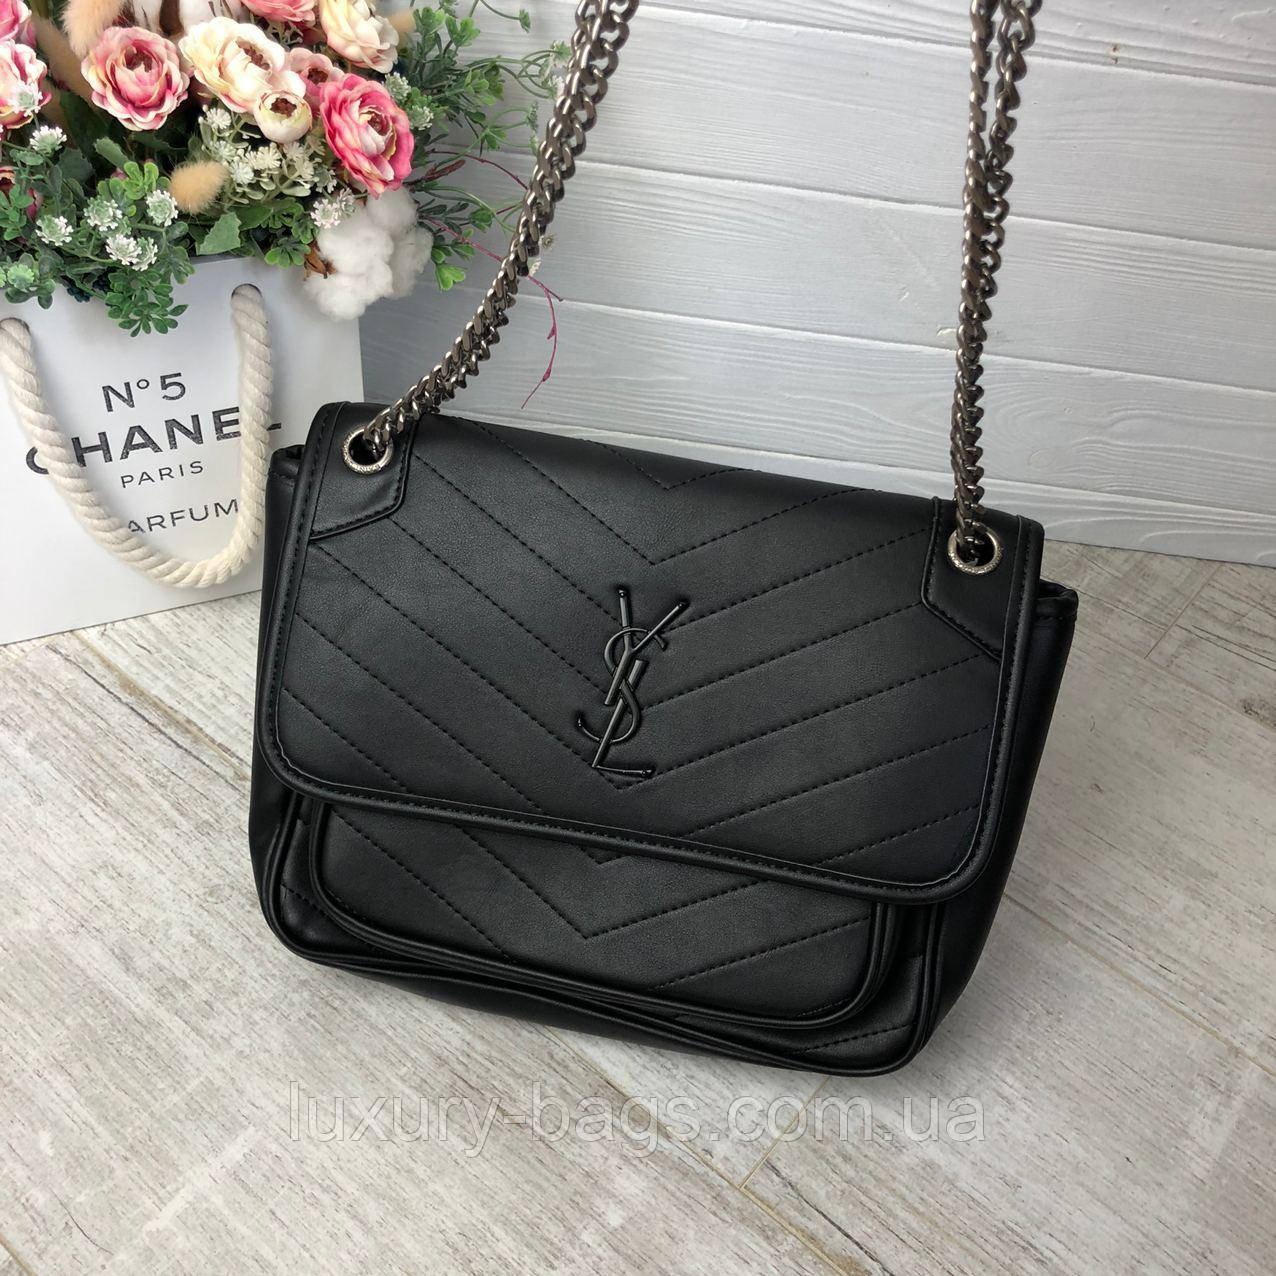 Женская сумка Yves Saint Laurent YSL